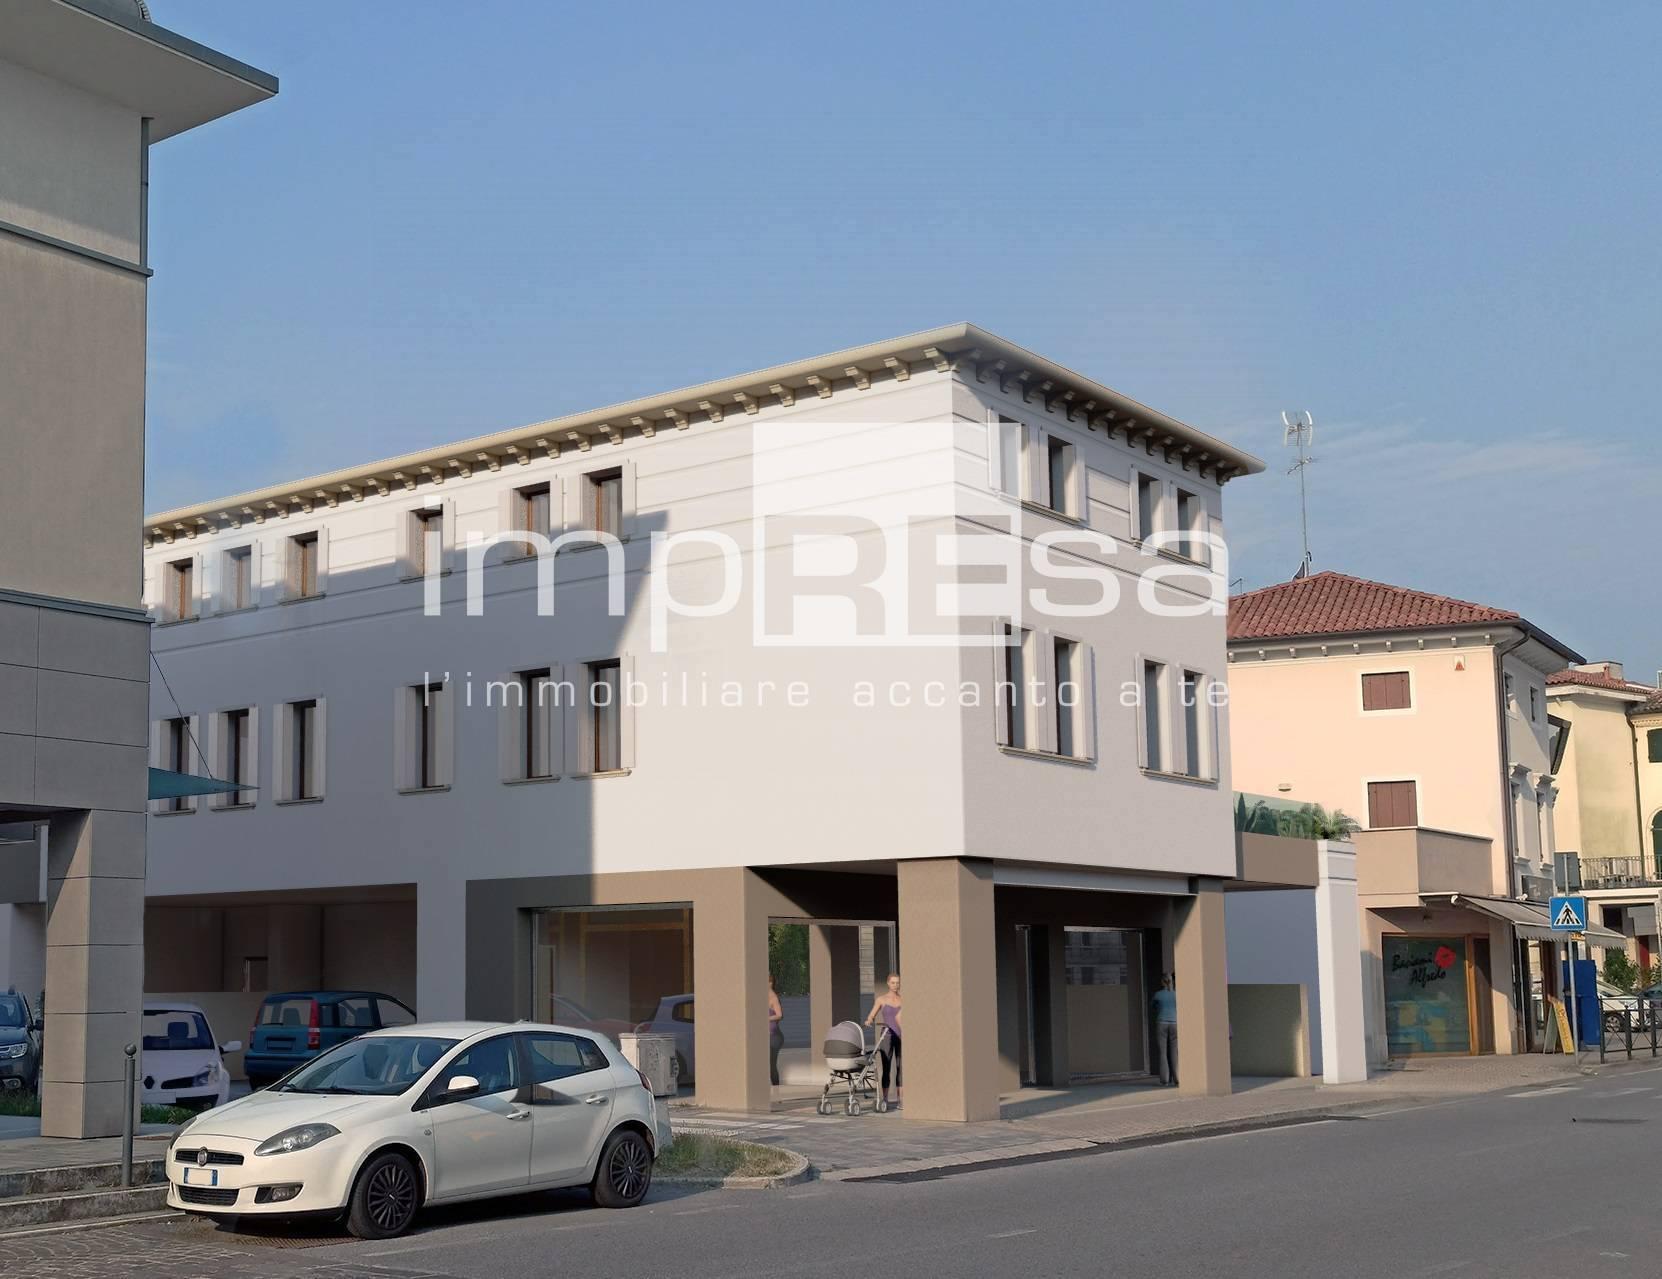 Appartamento in vendita a Martellago, 4 locali, zona ne, prezzo € 310.000 | PortaleAgenzieImmobiliari.it